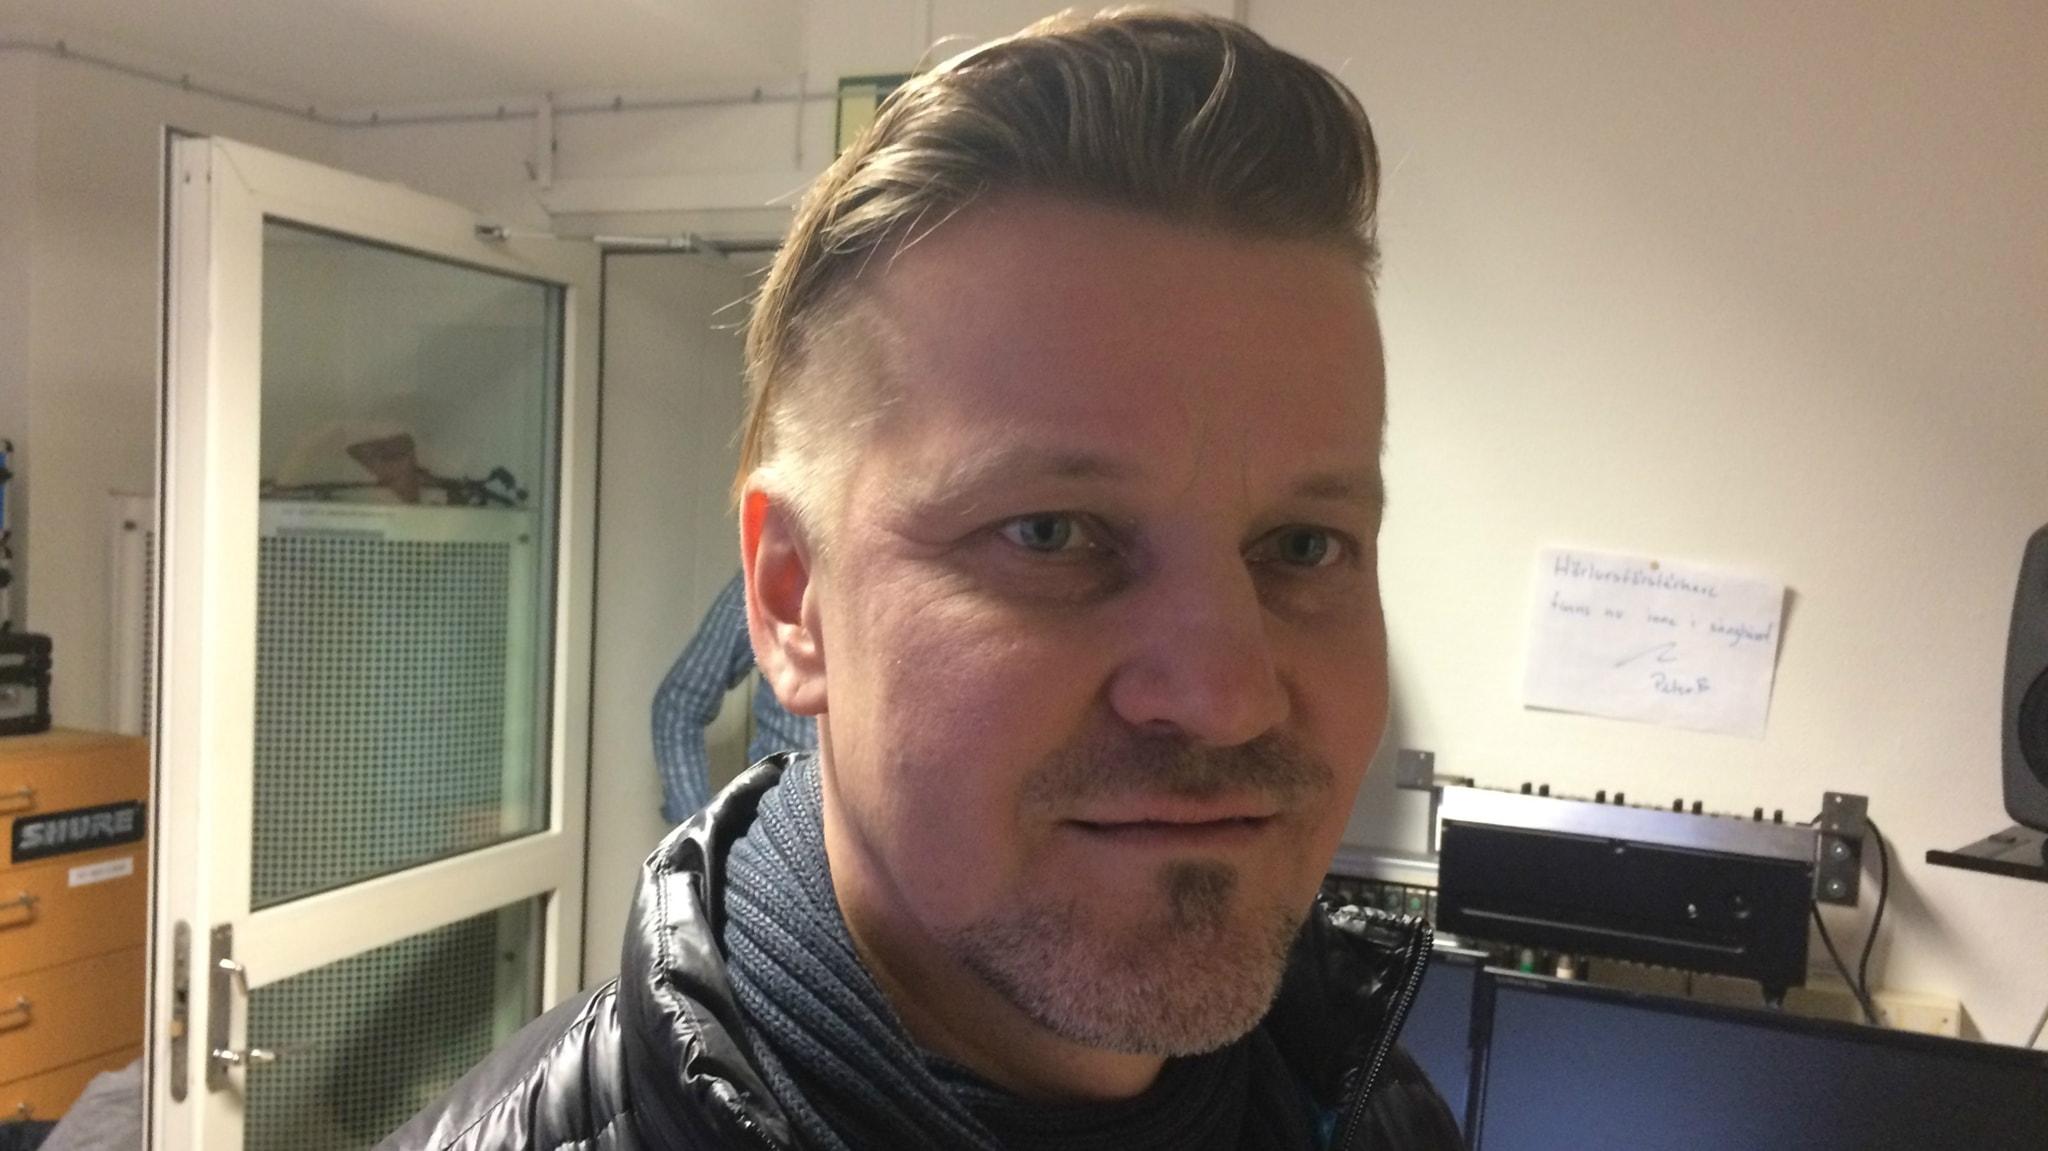 Pekka Rautio